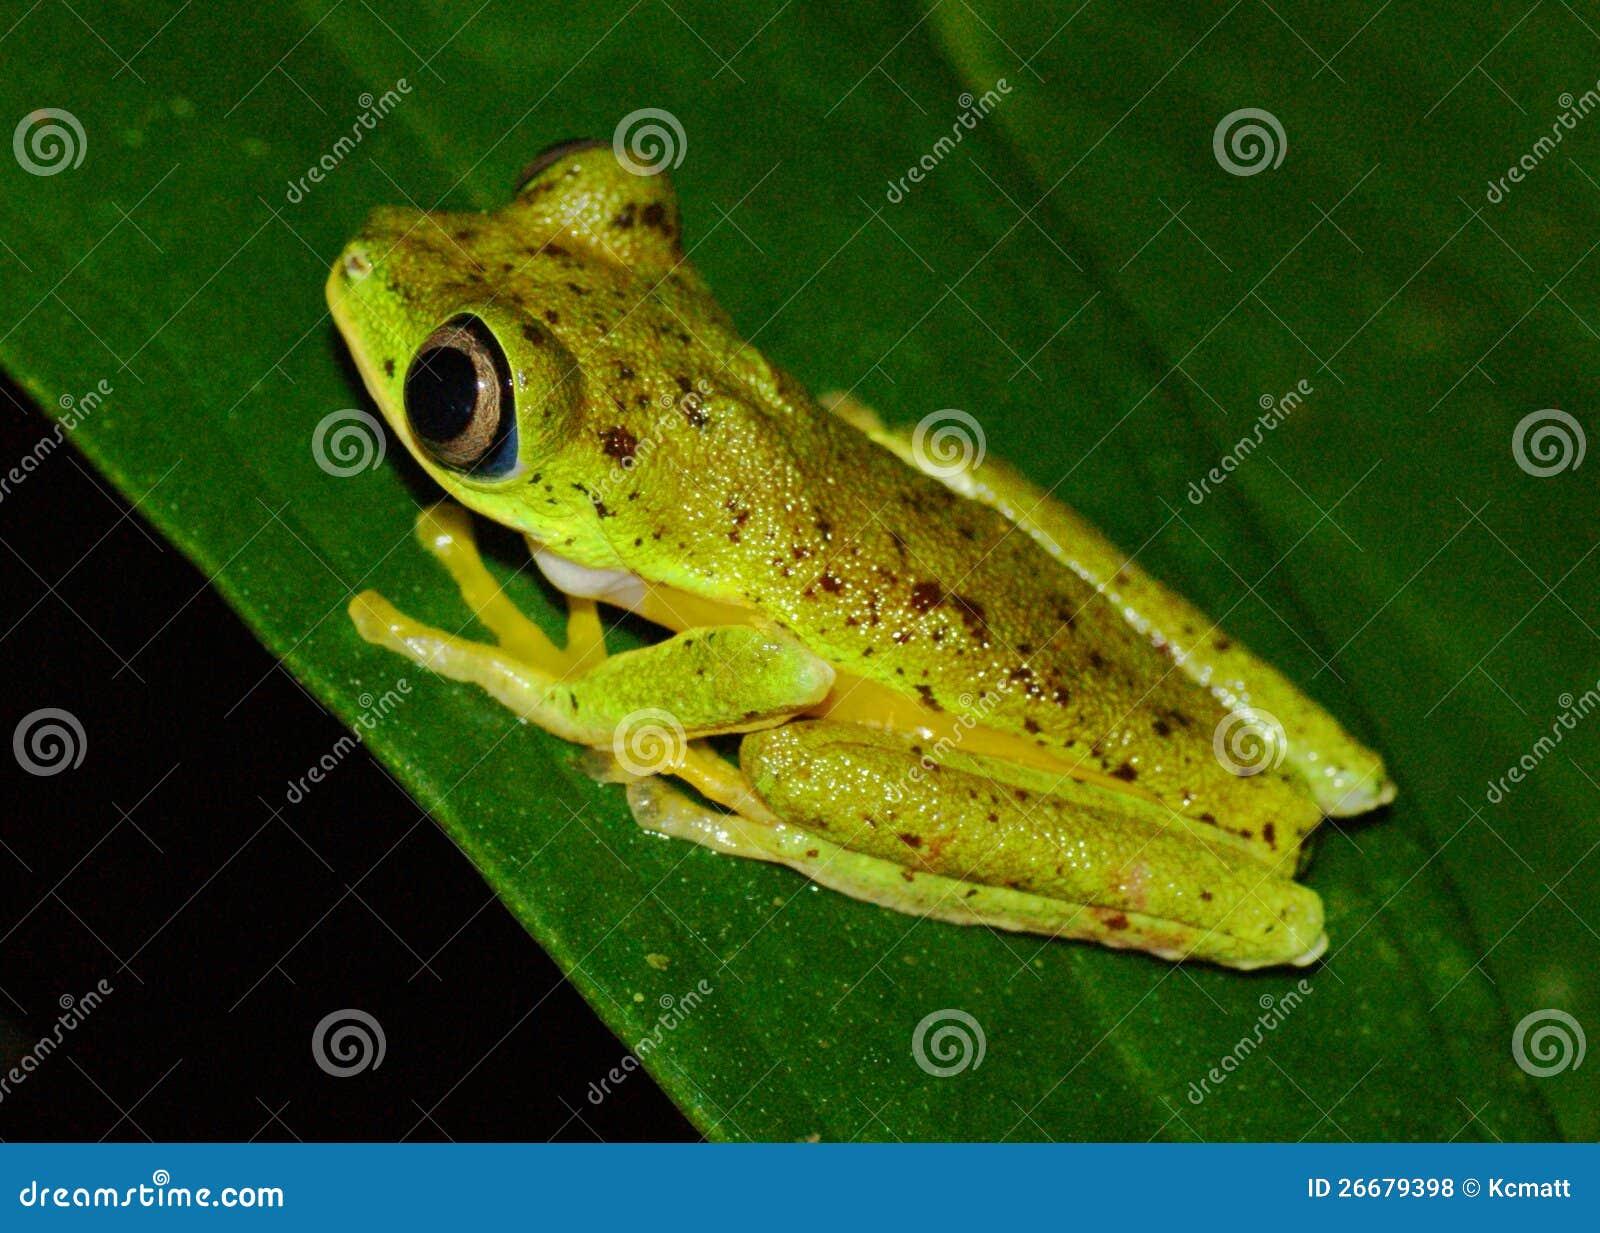 Critically endangered Lemur Leaf Frog